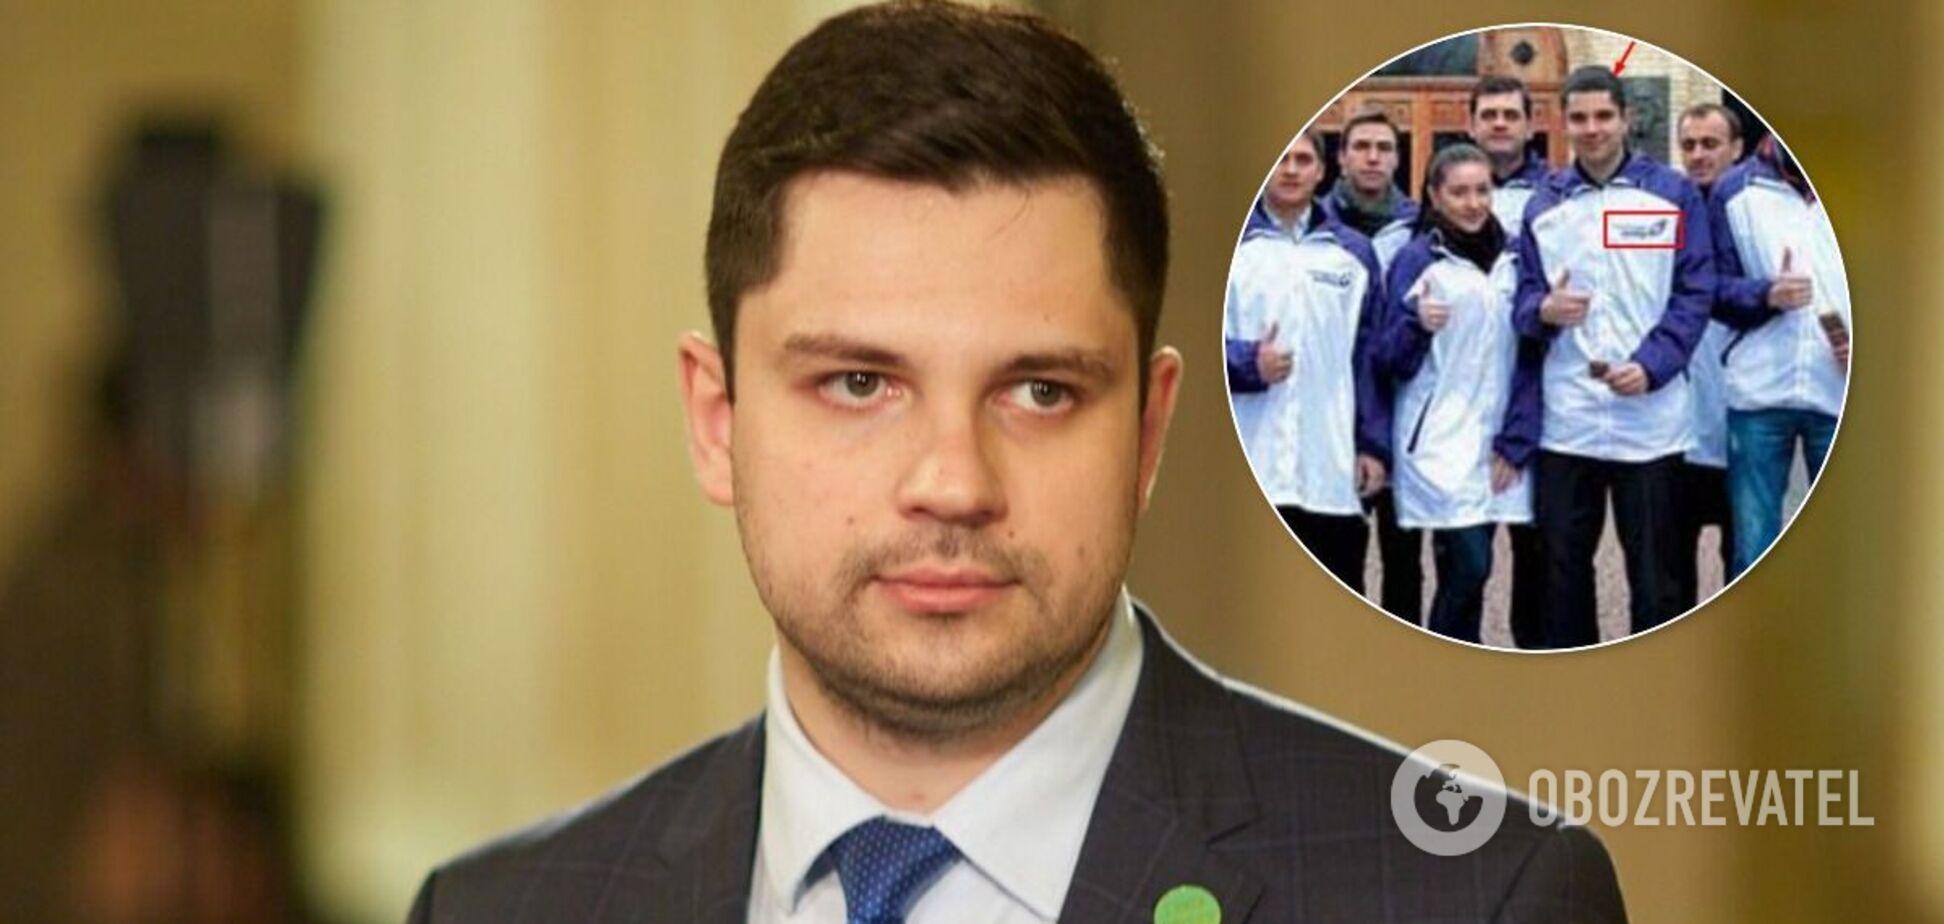 Качура рассказал о возможных связях с Медведчуком